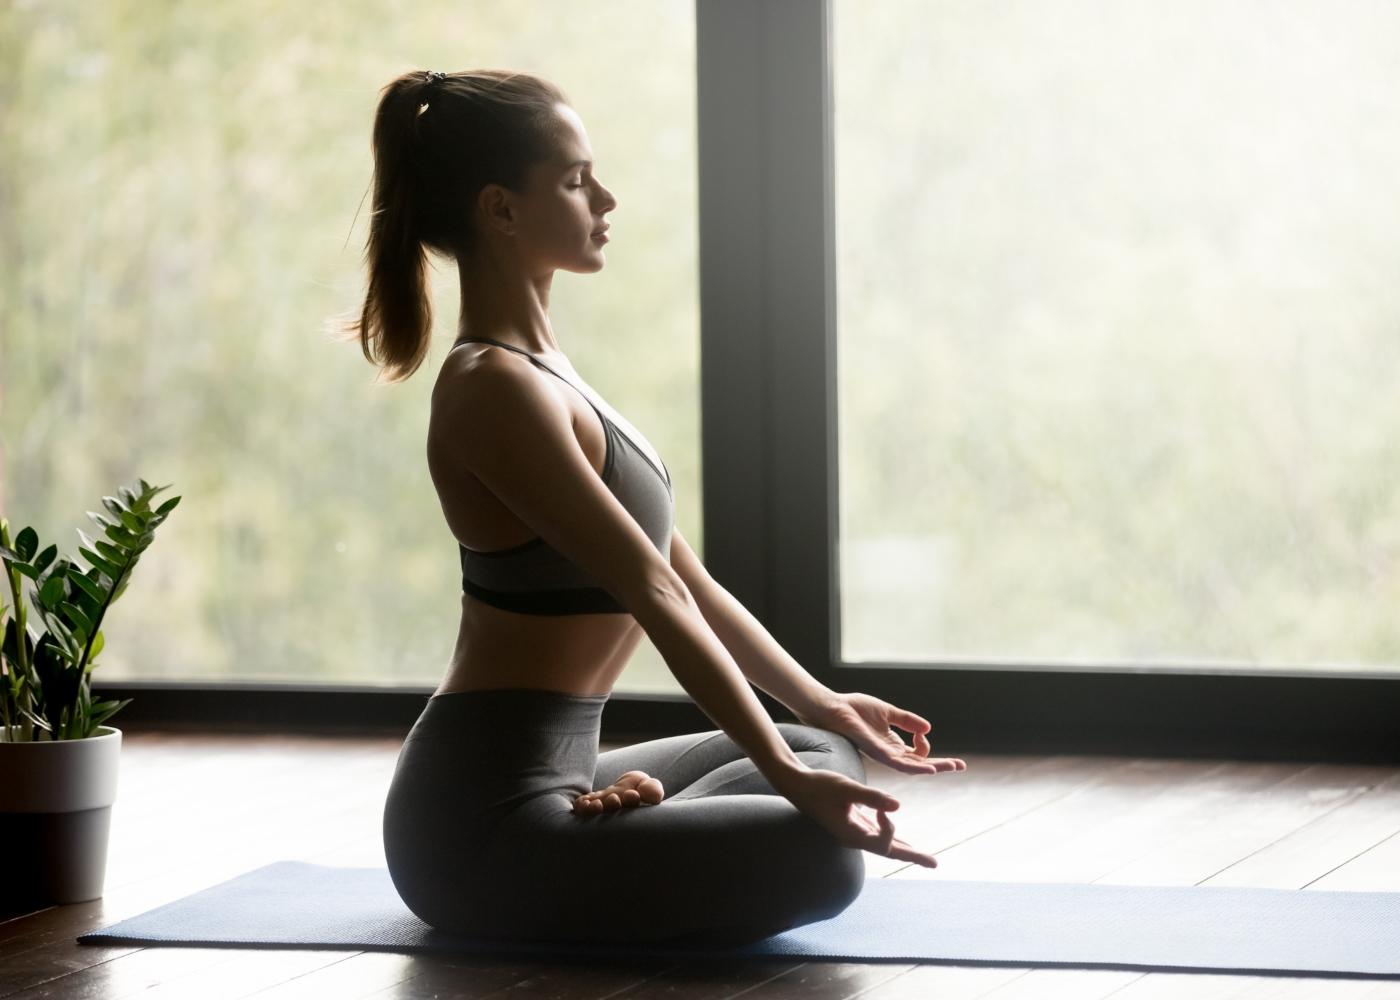 jovem a praticar meditação com postura correta